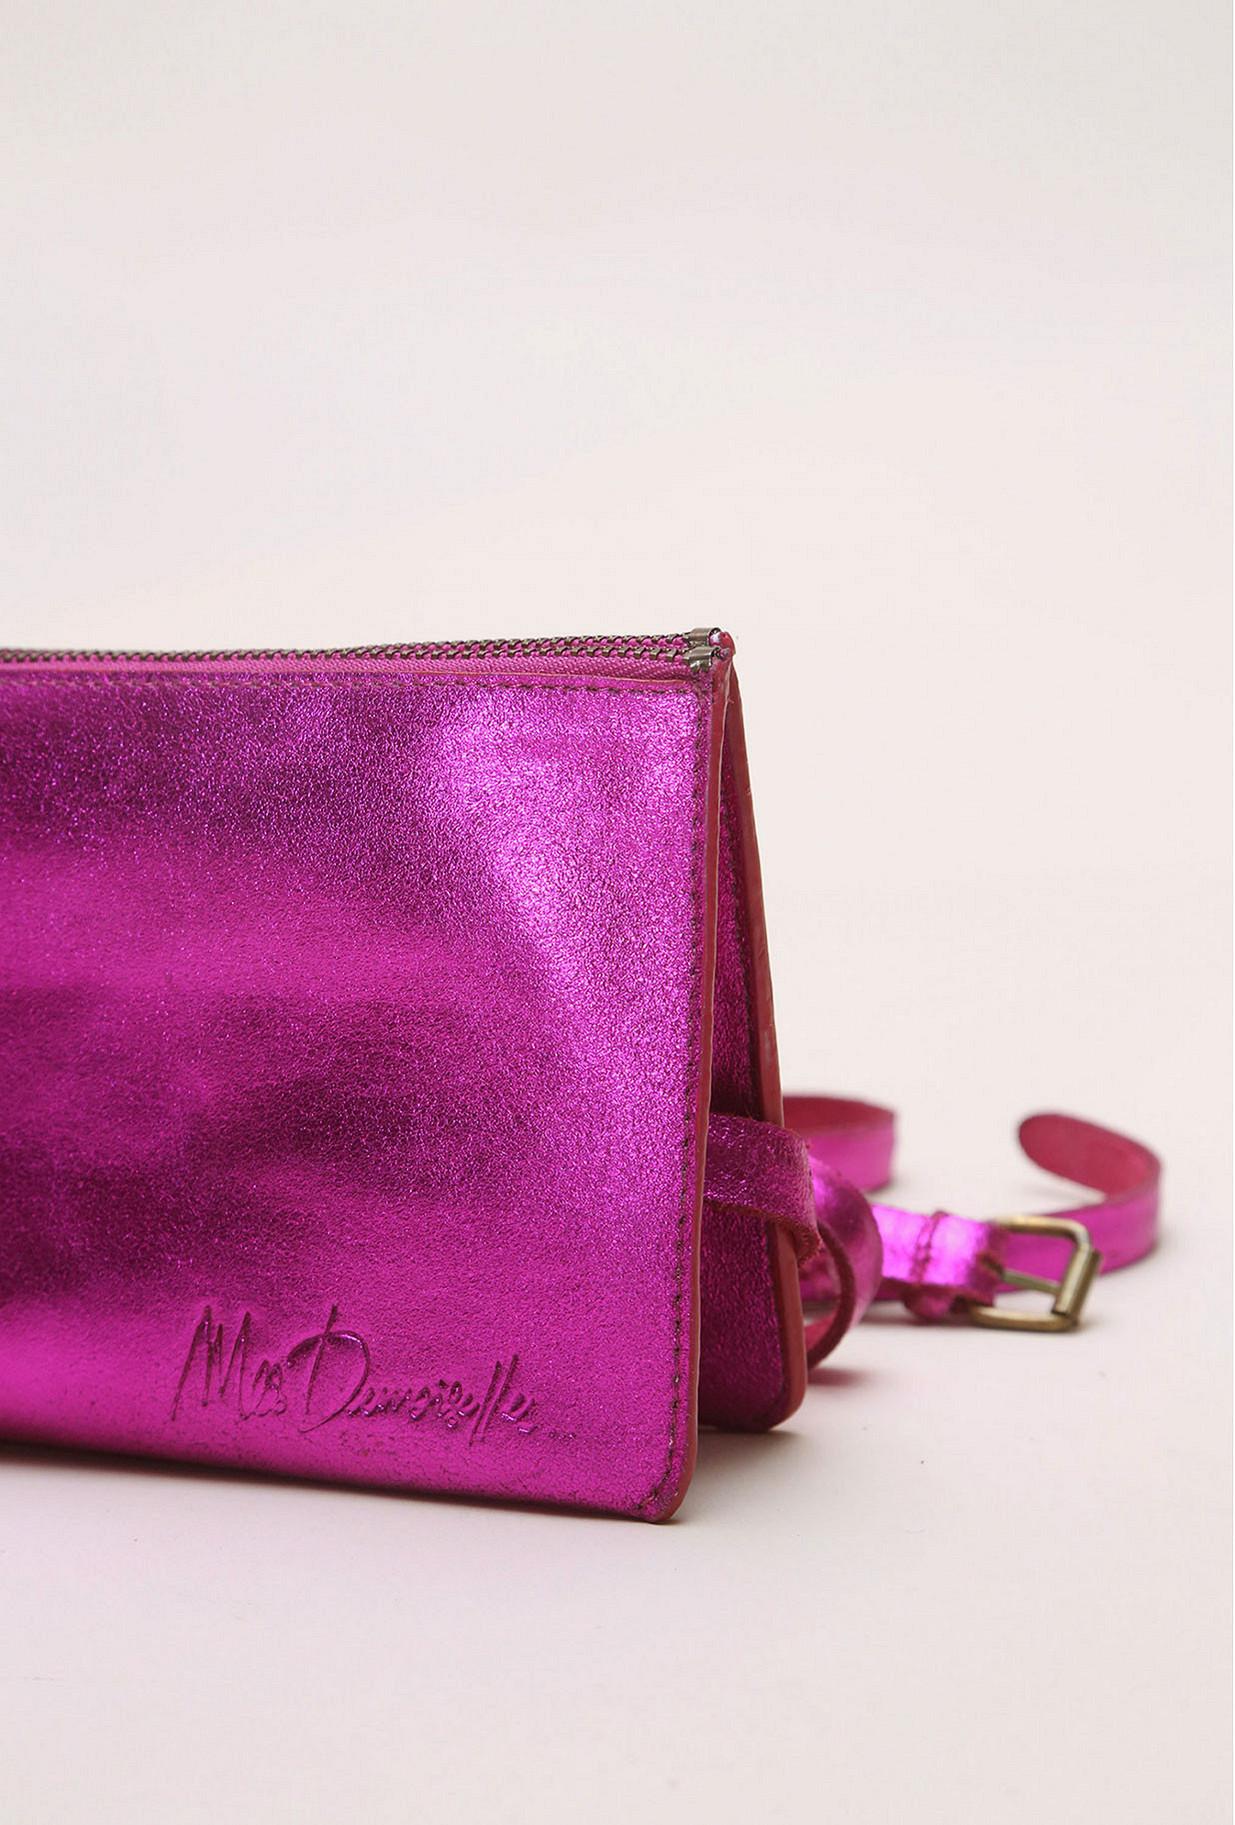 Fushia  Bag  Double Touch Mes demoiselles fashion clothes designer Paris